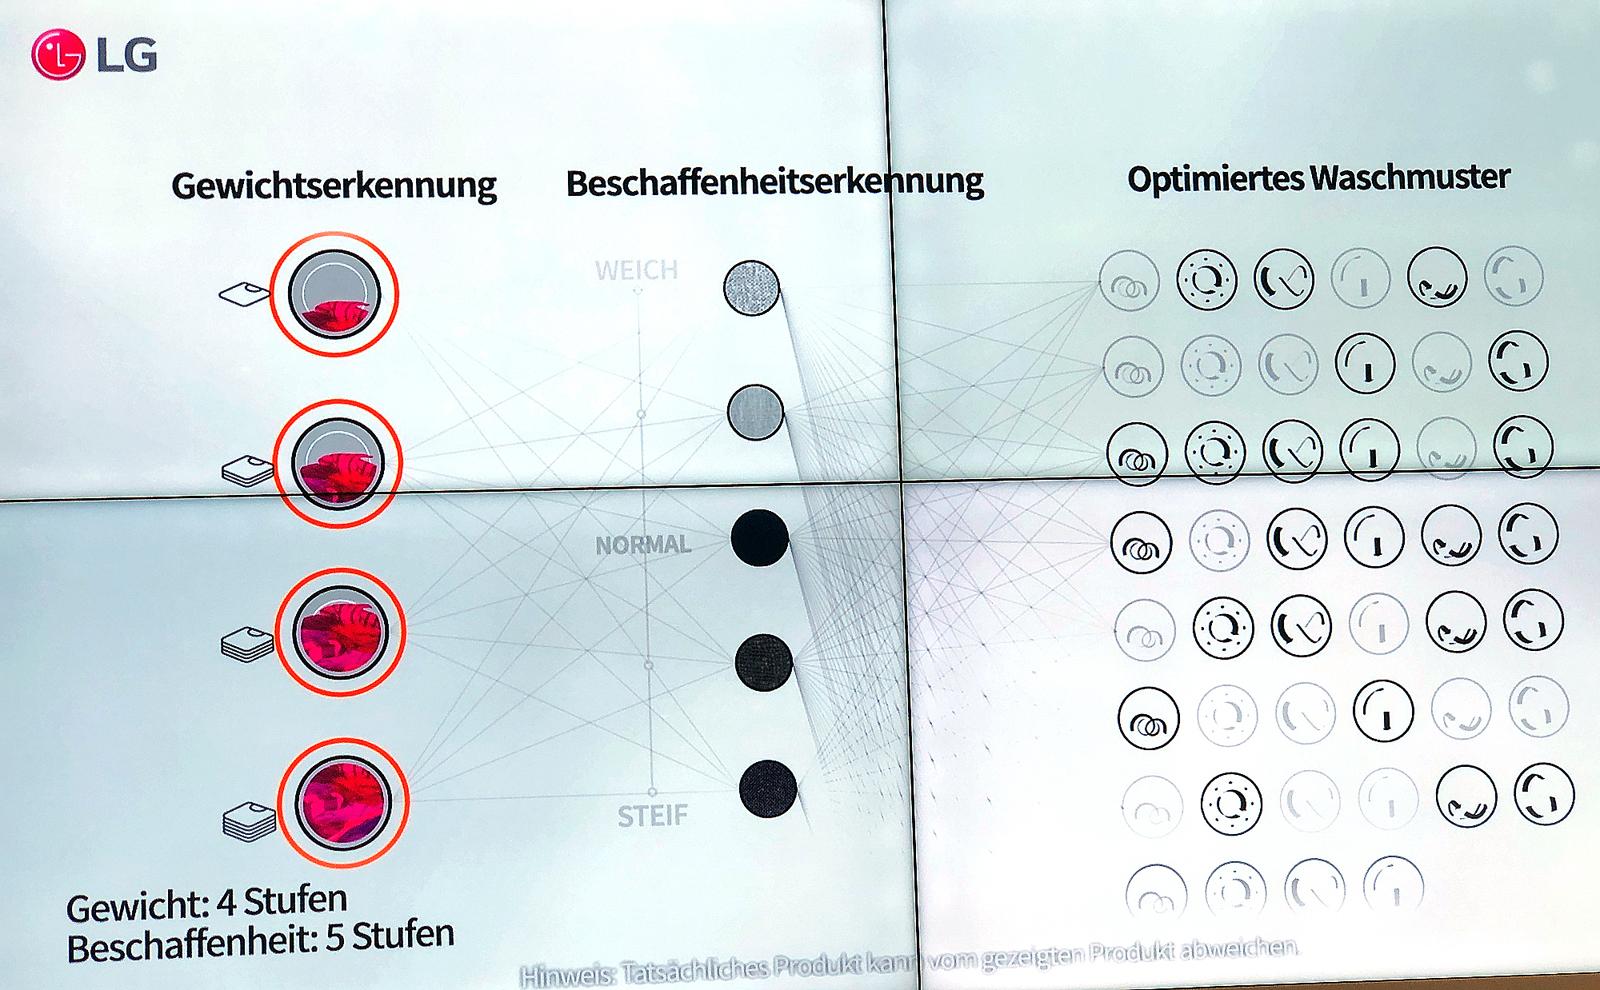 Künstliches neuroyales Netz (ANN) zur Steuerung  eines Waschmaschinenprogramms bei LG Electronics